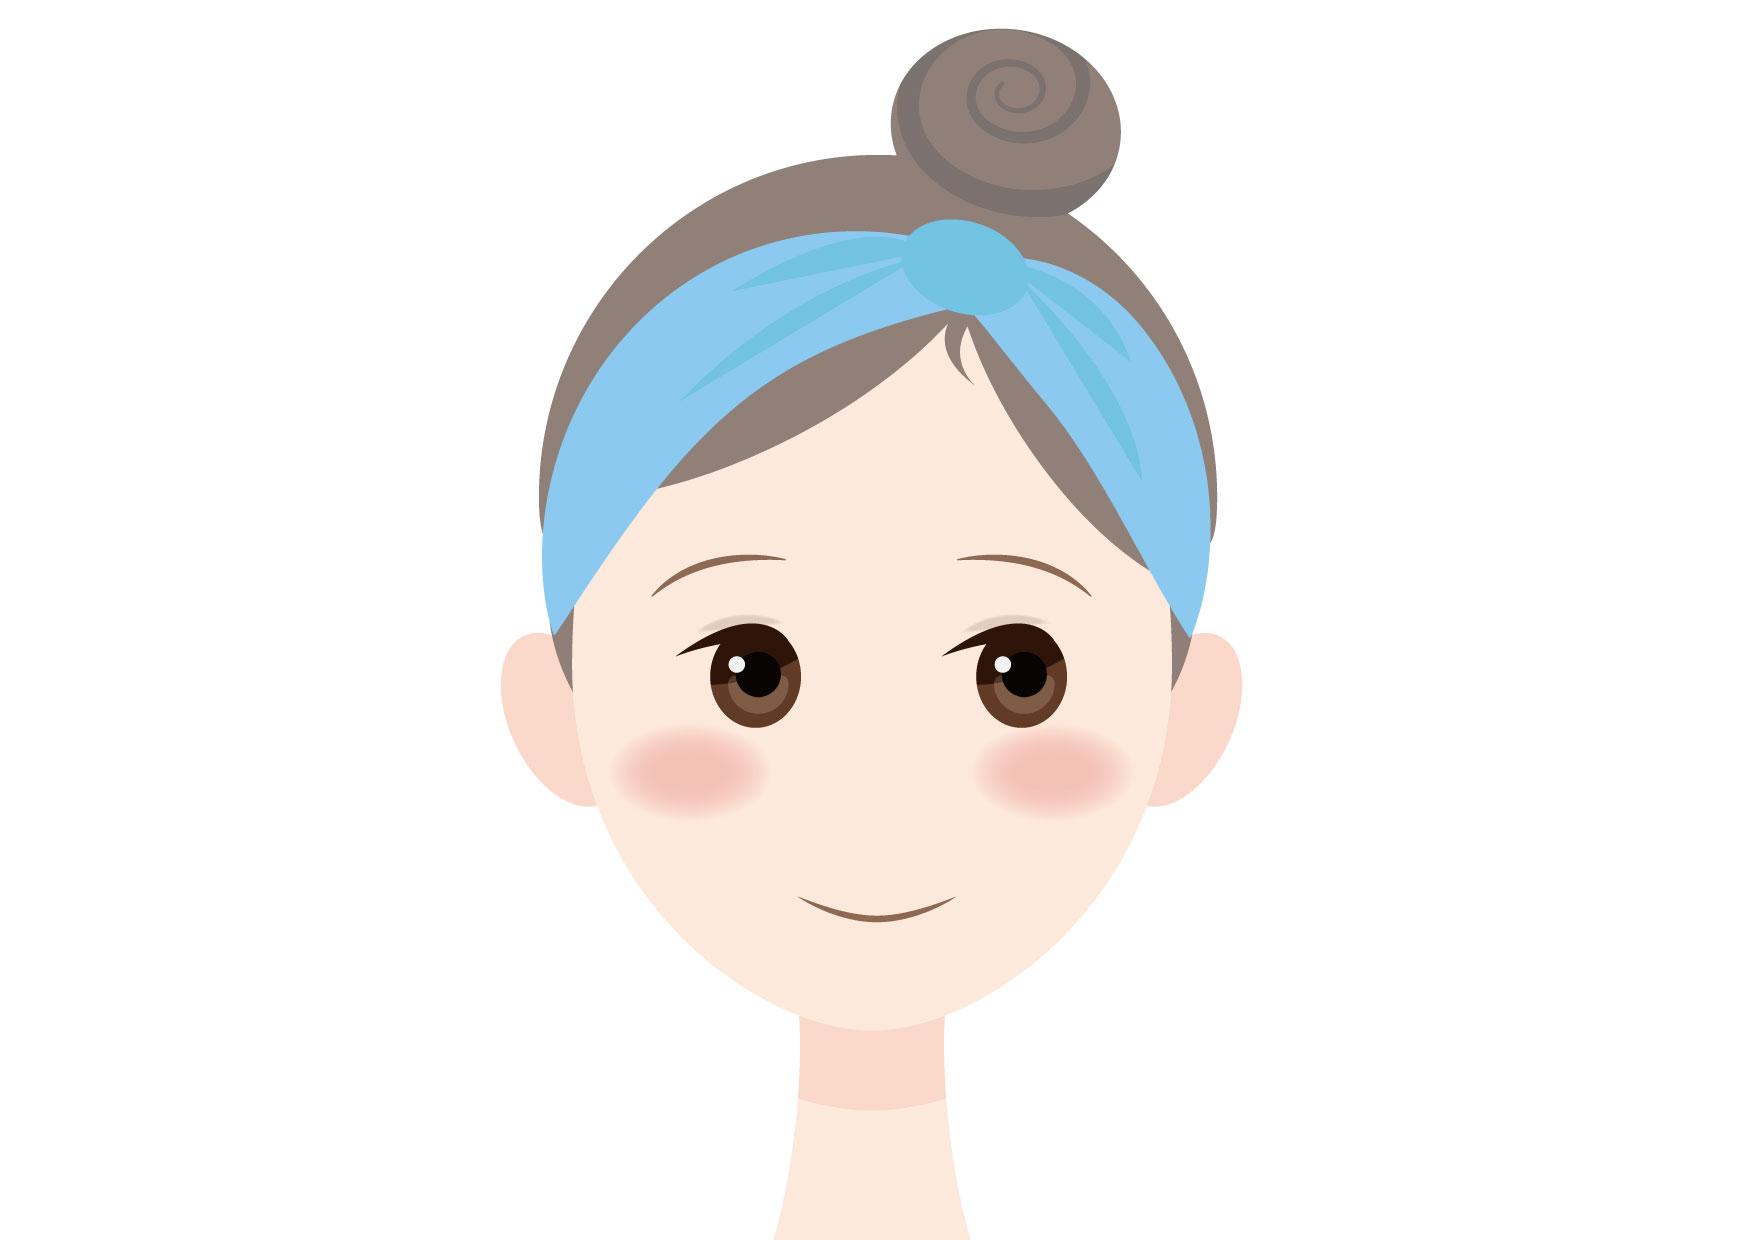 可愛いイラスト無料|女性 顔 健康 − free illustration Woman face health